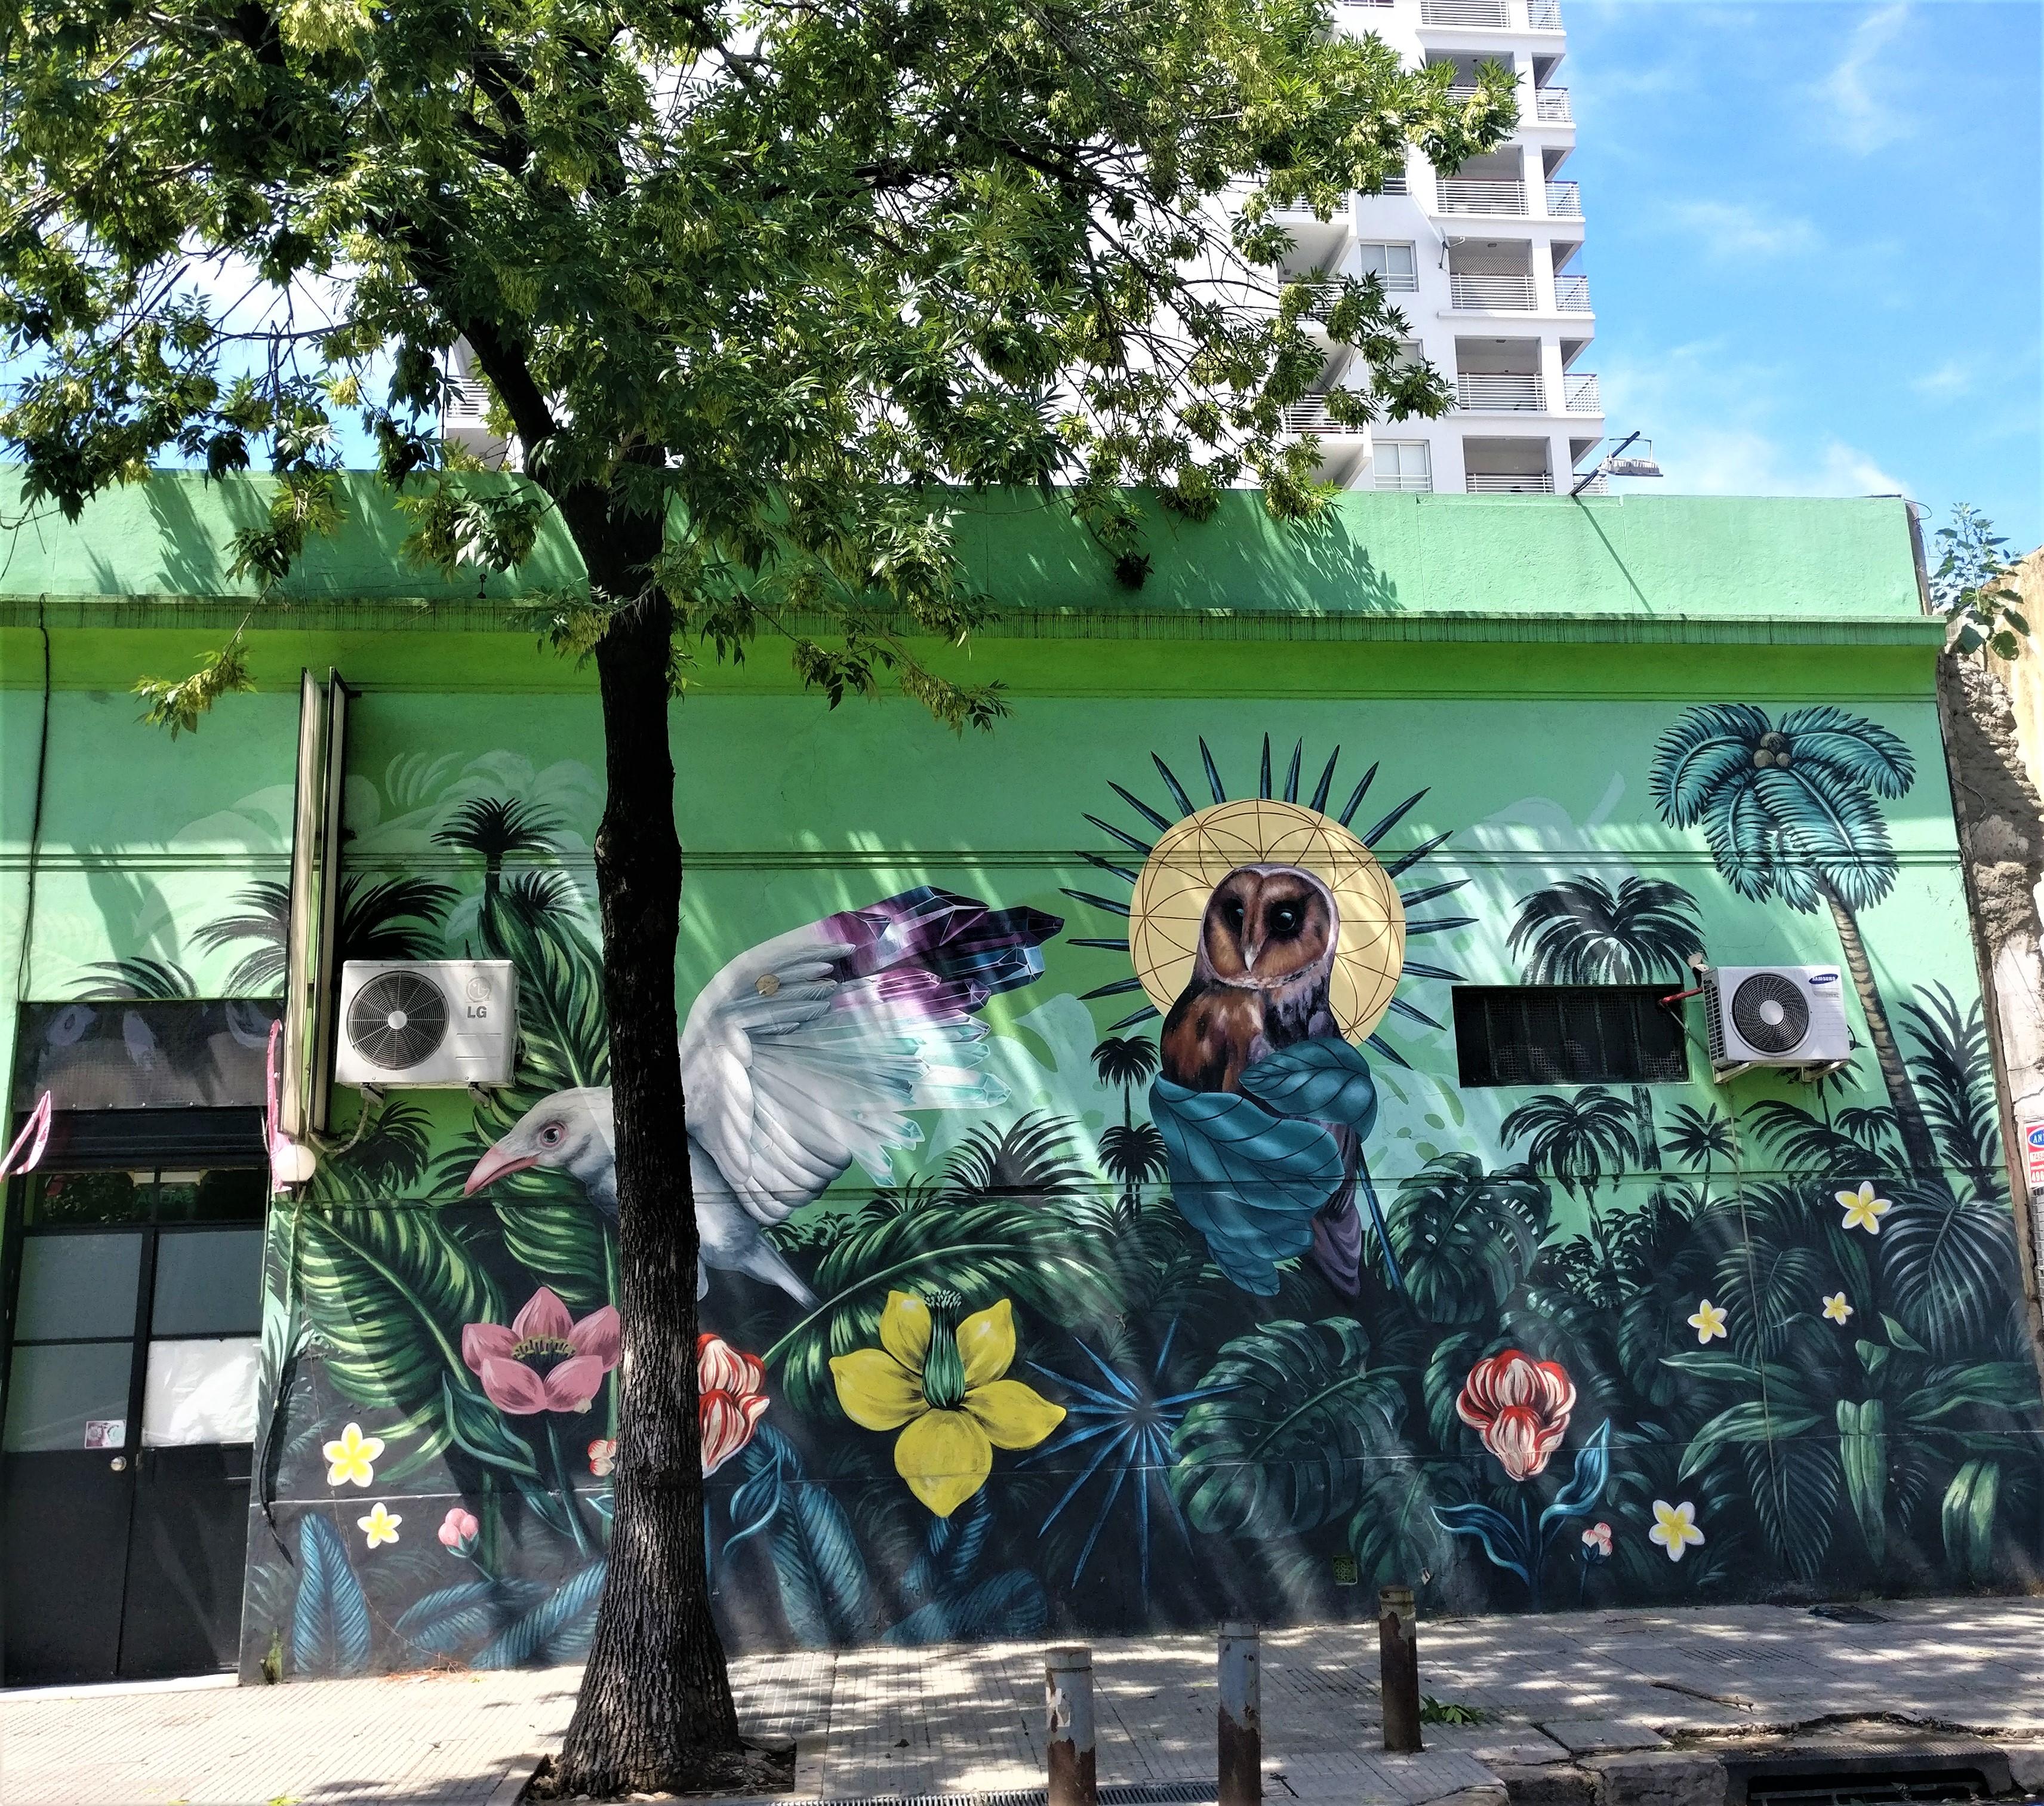 Buenos aires graffiti amérique latine